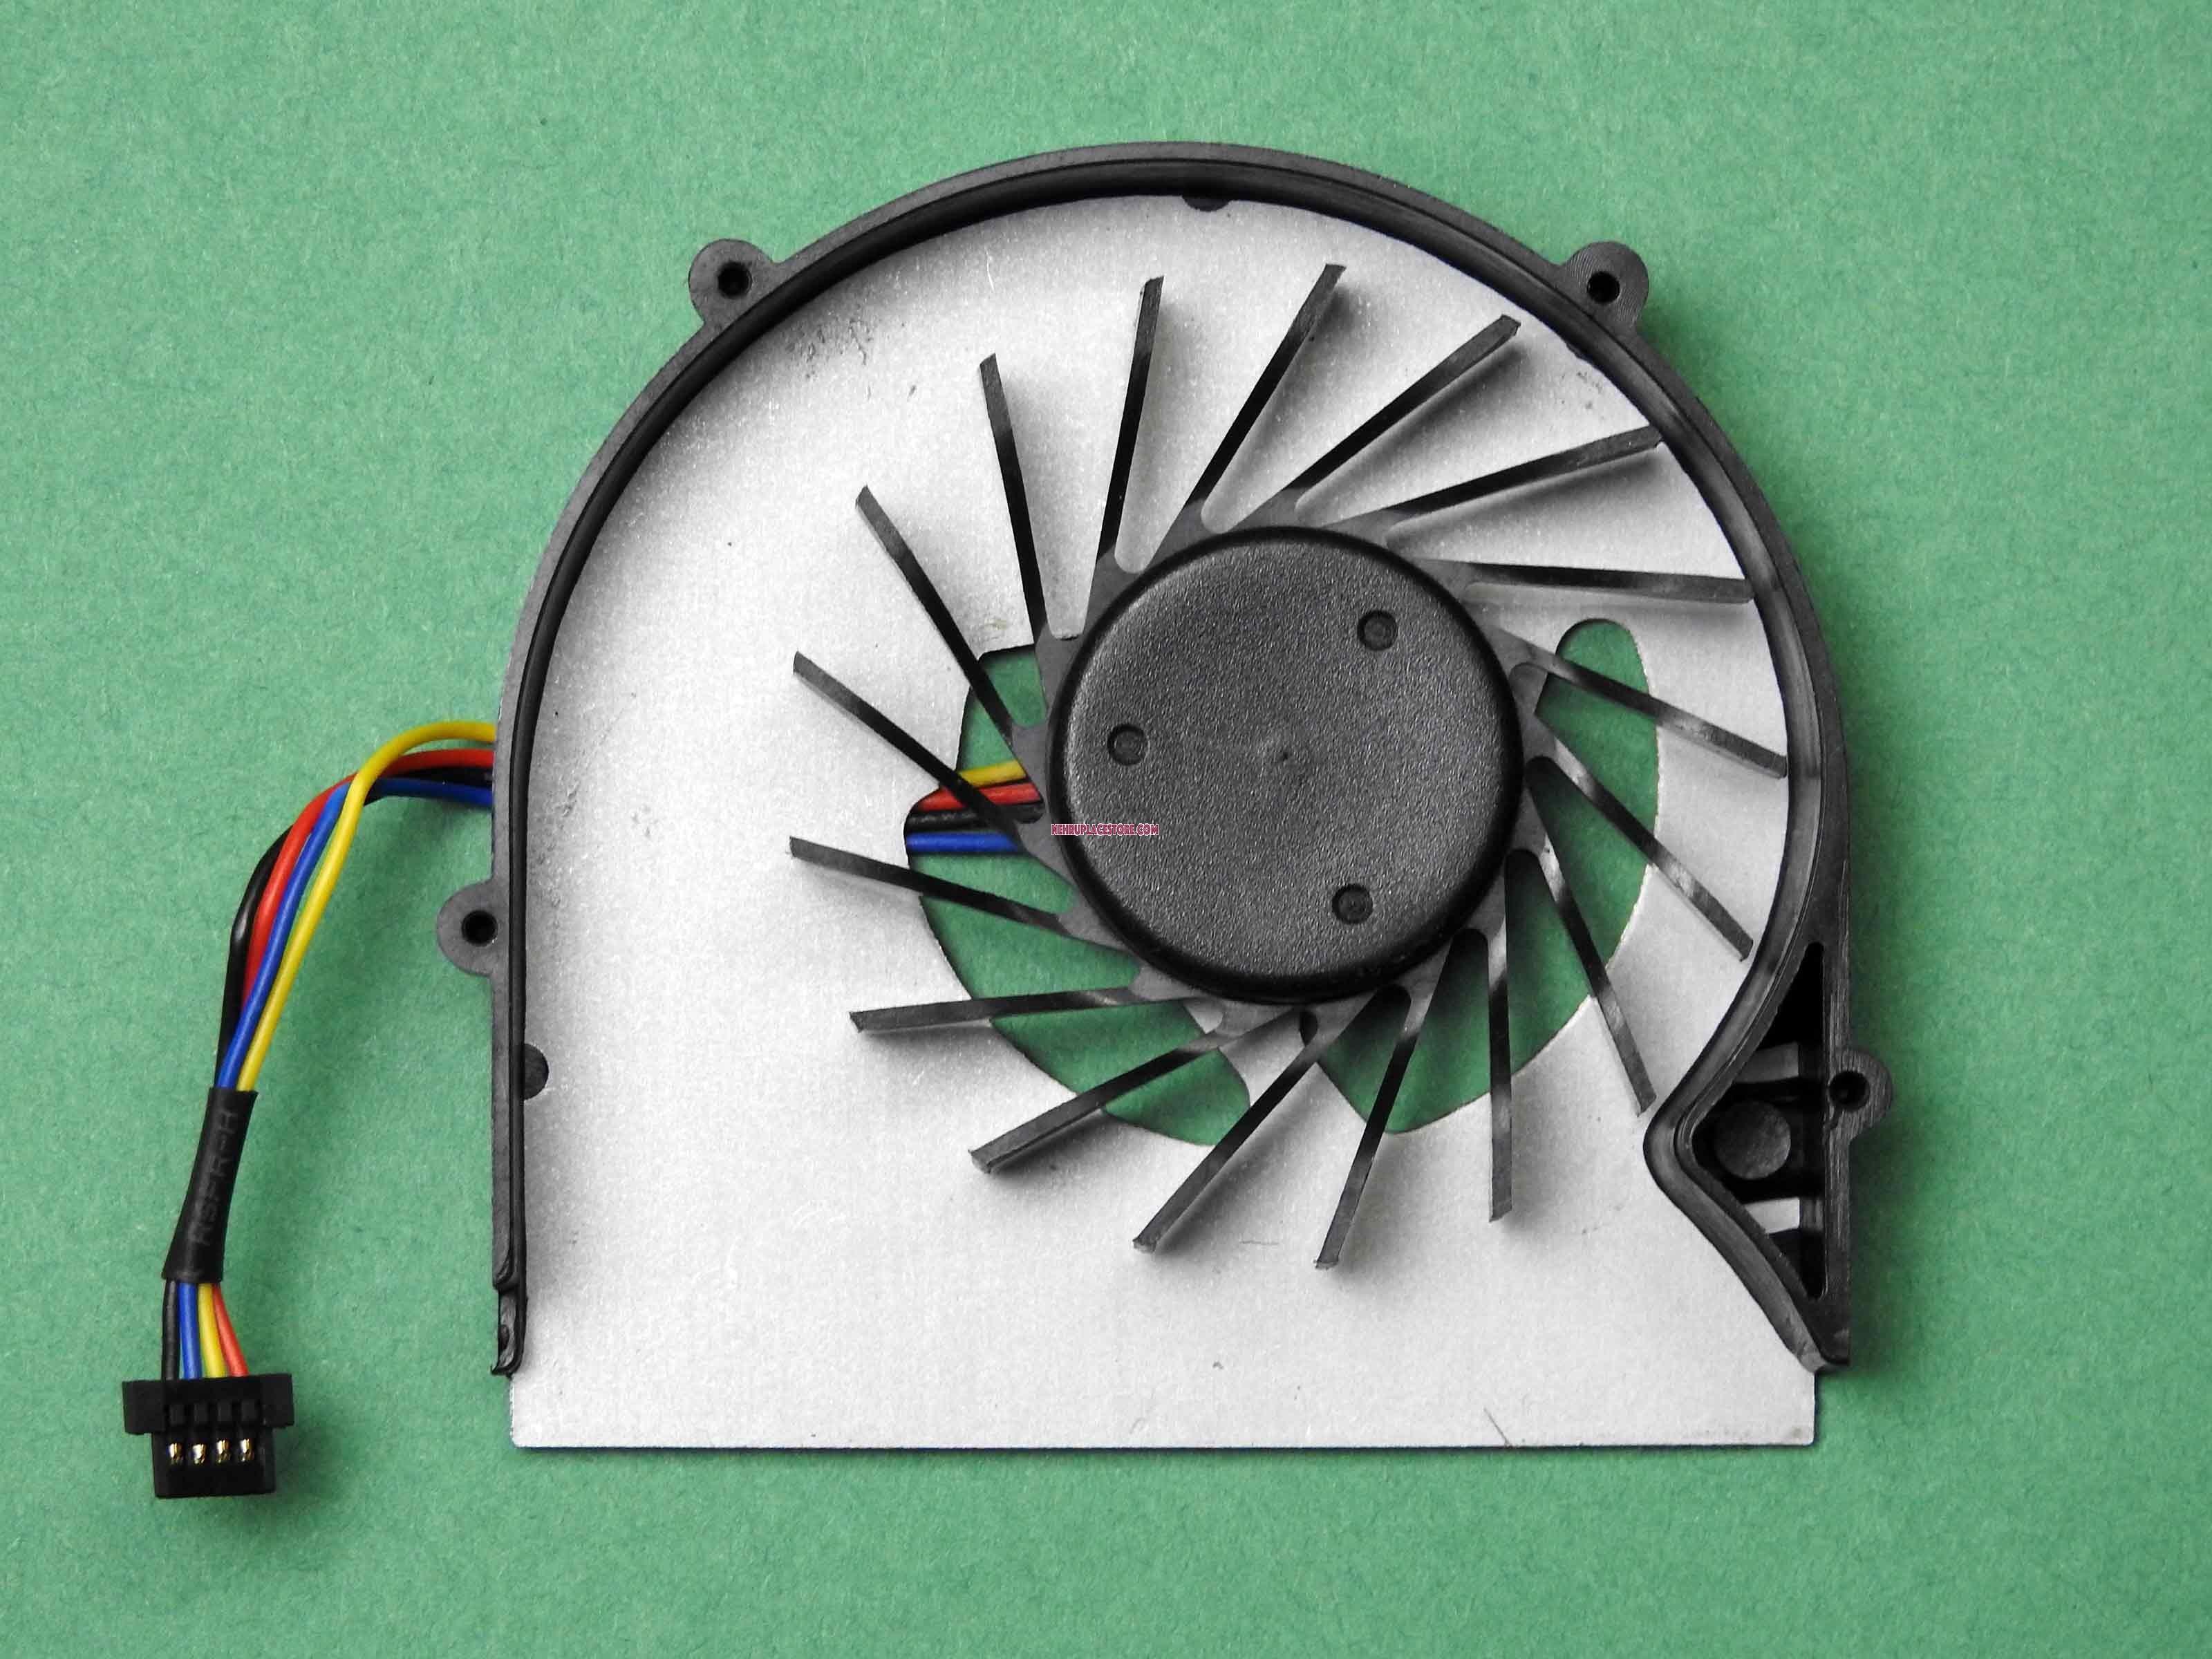 b560 la56 schematic